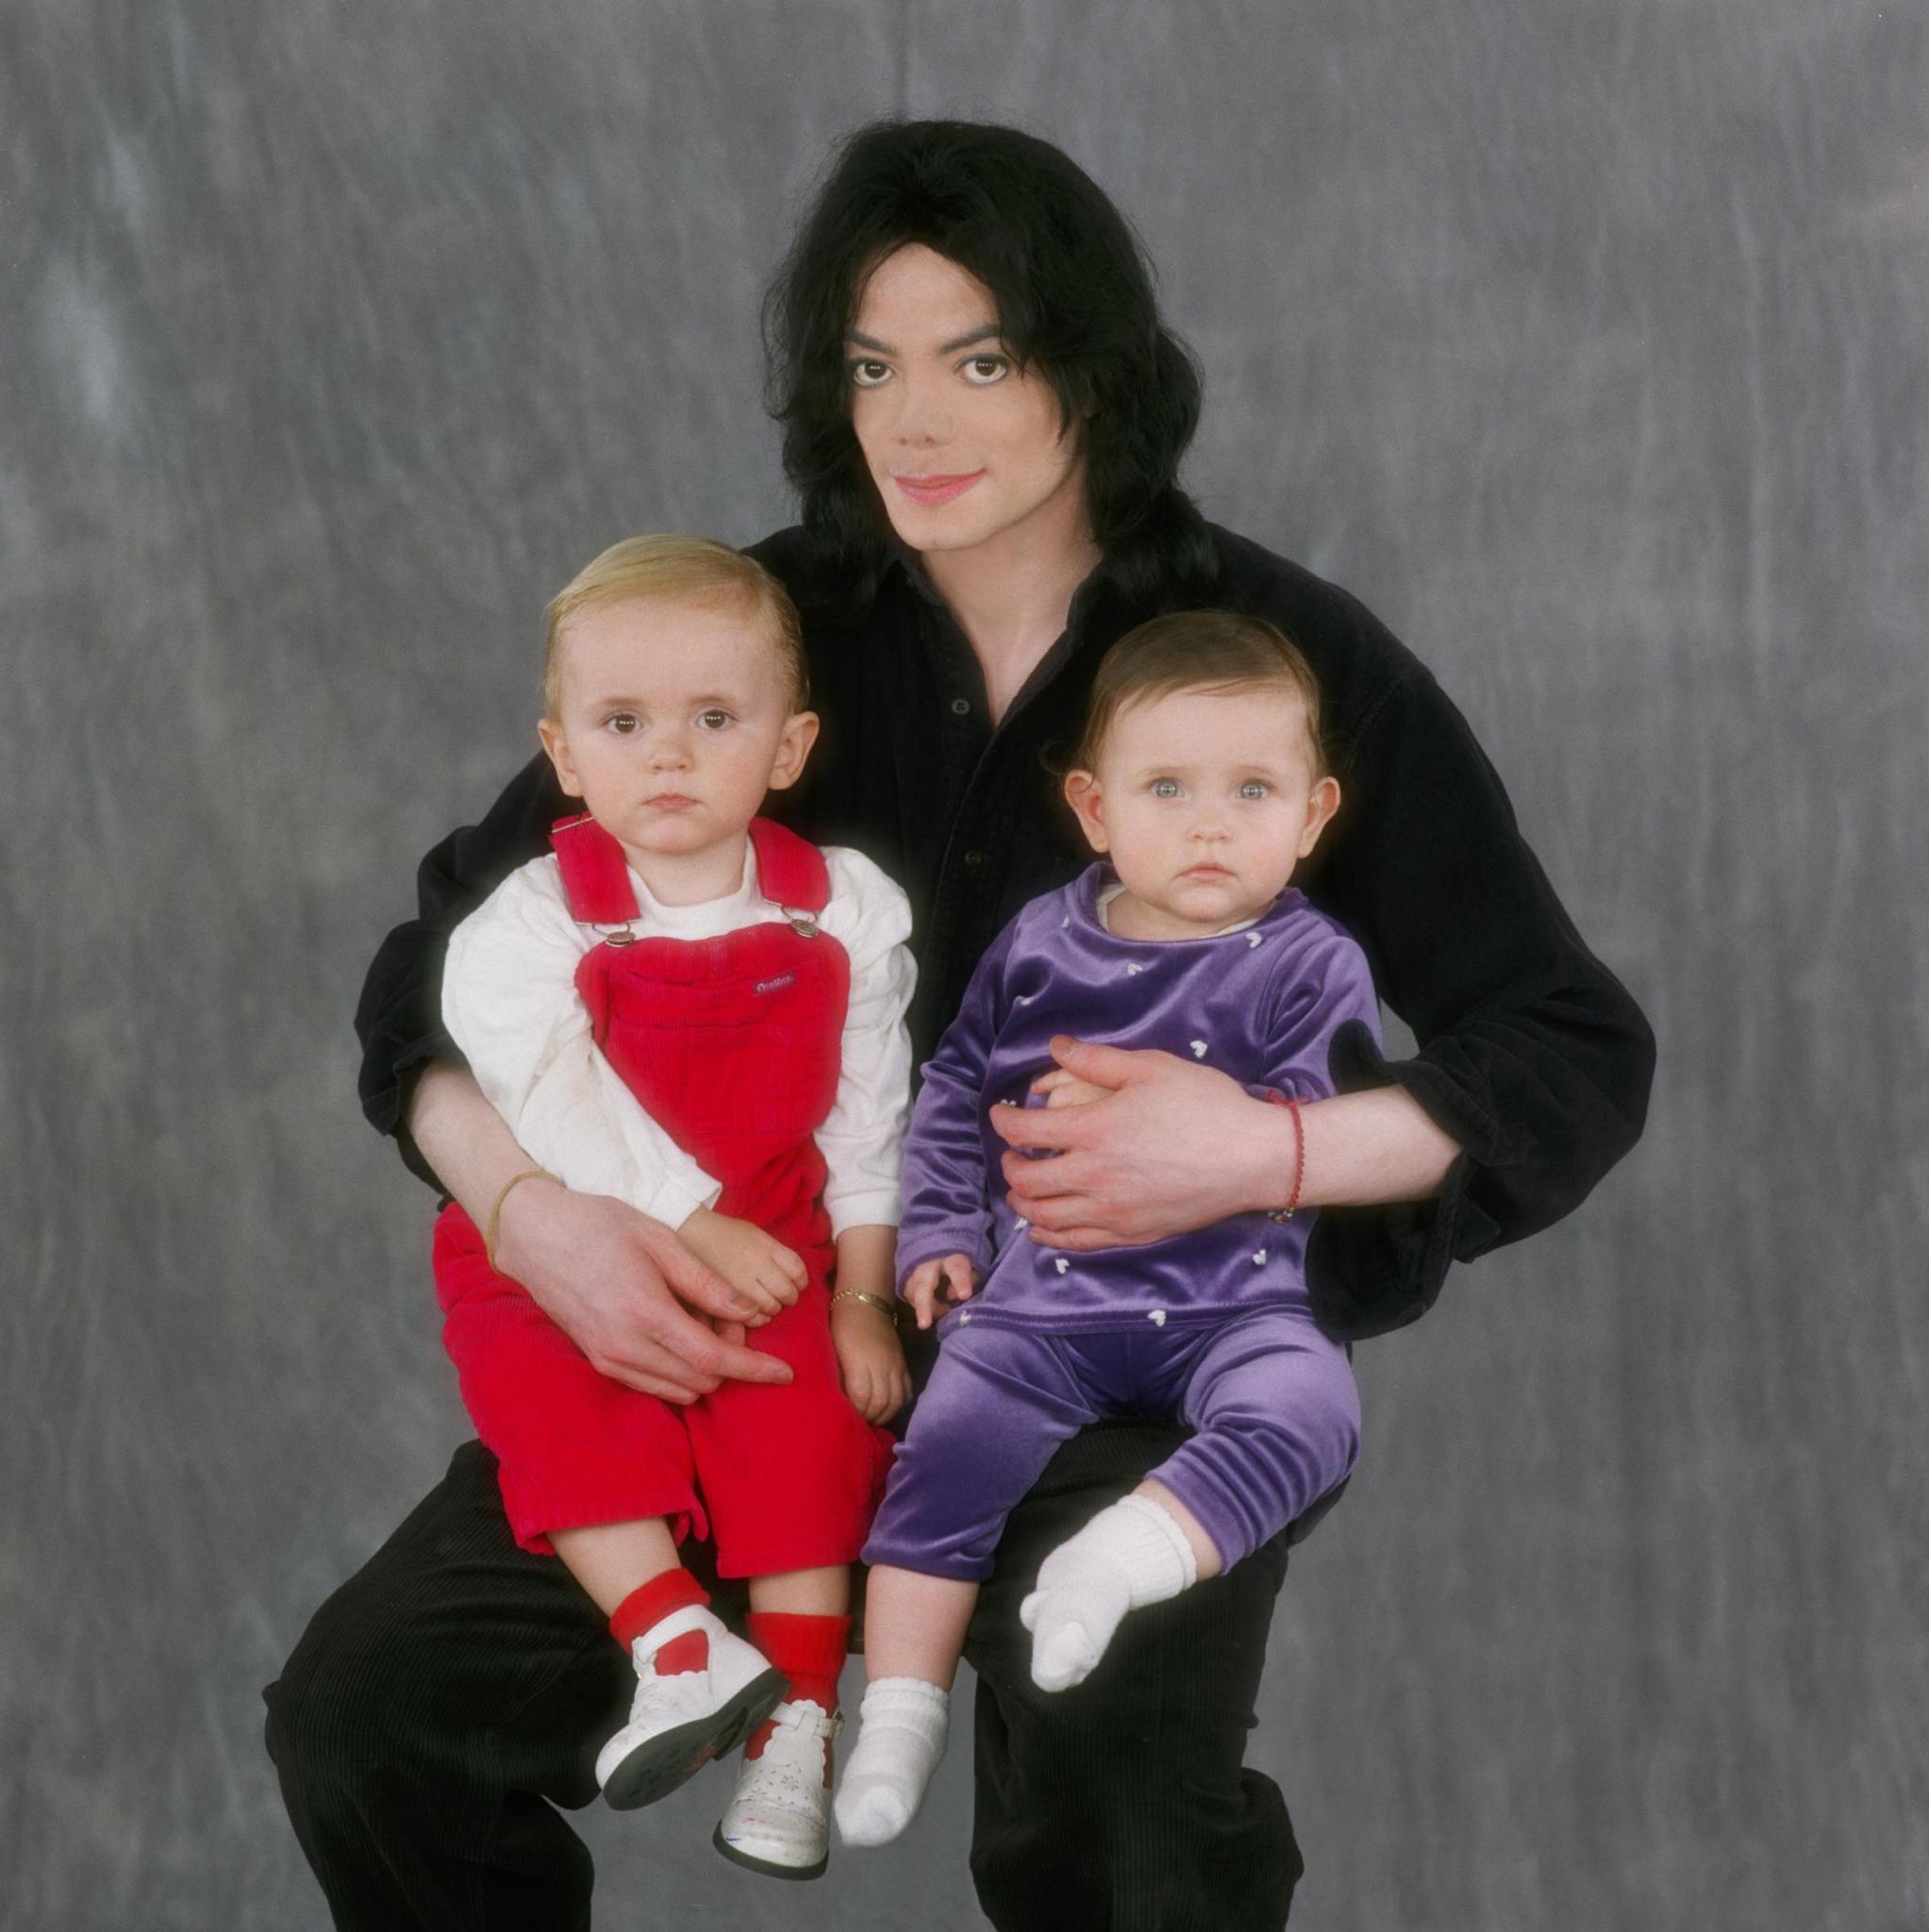 где майкл джексон с детьми фото как нашему сегодняшнему